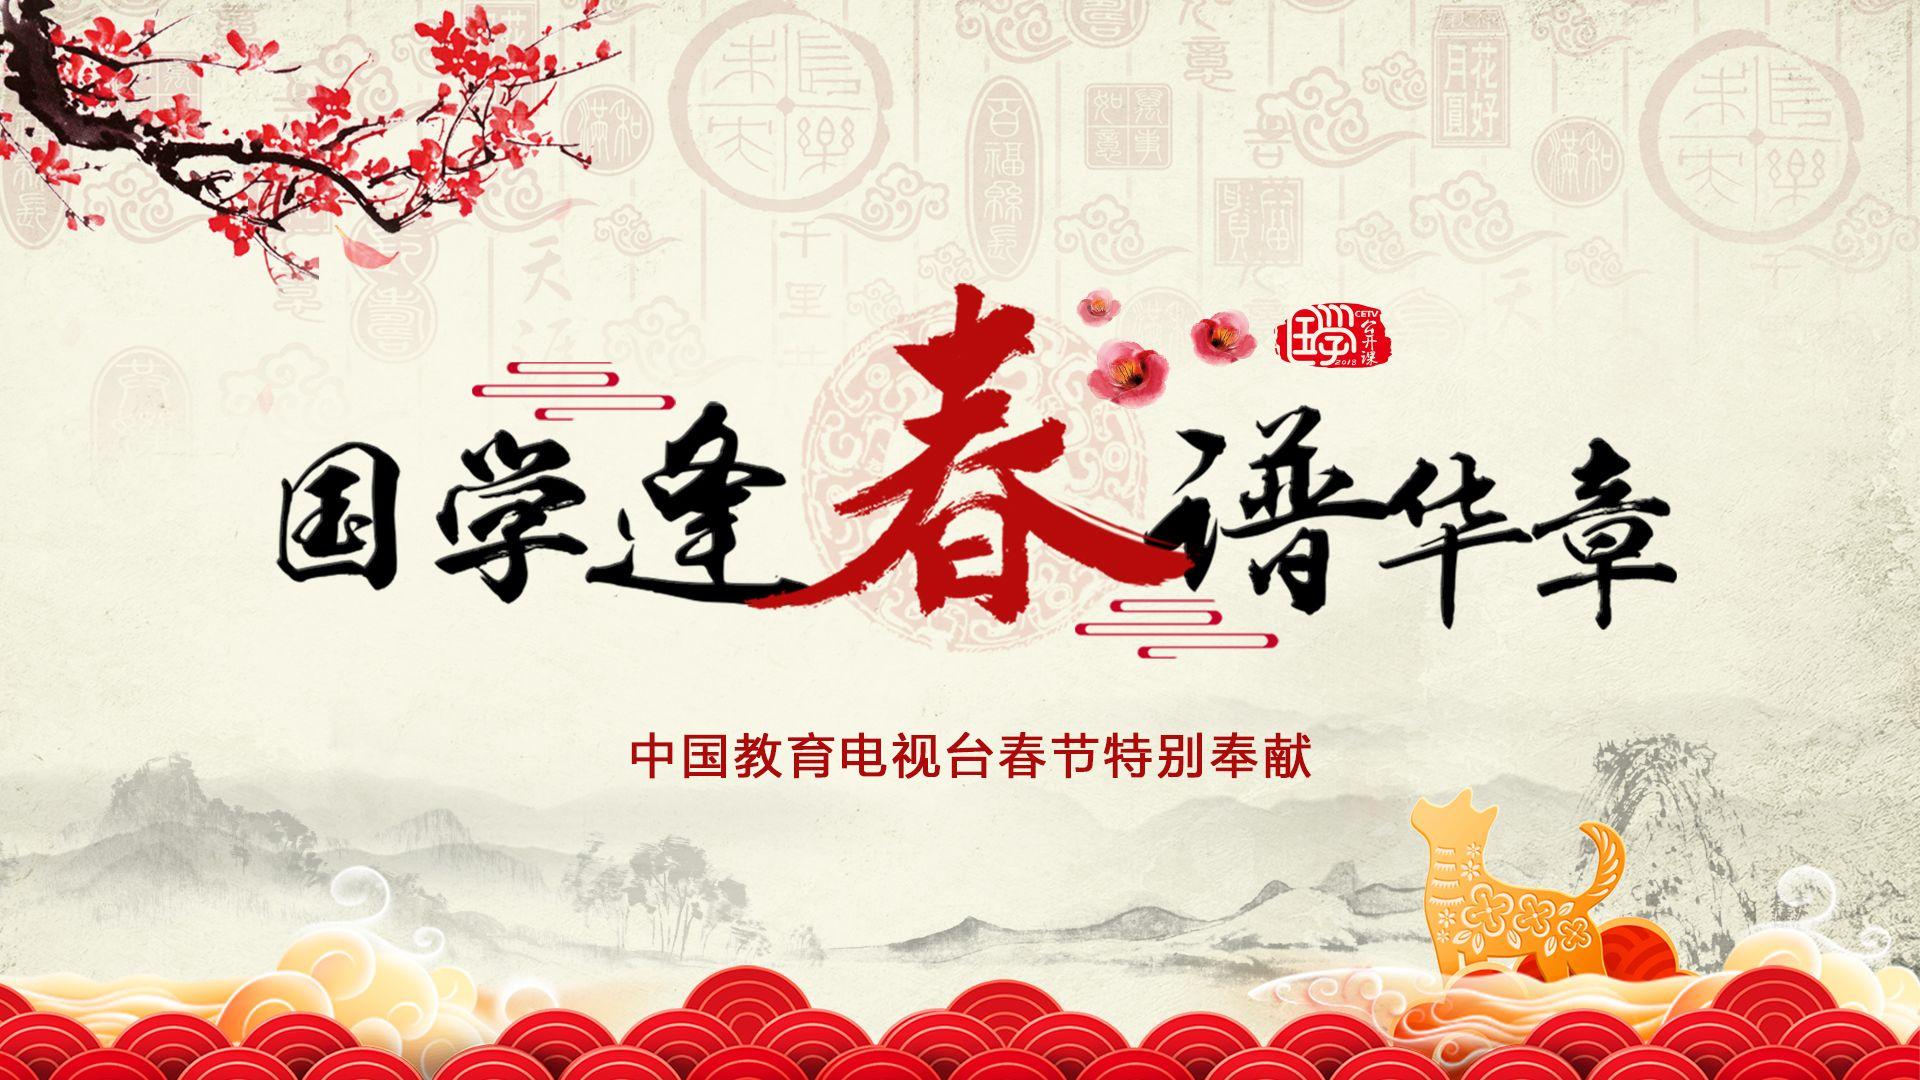 国学逢春谱华章——2018年中国教育电视台春节特别奉献